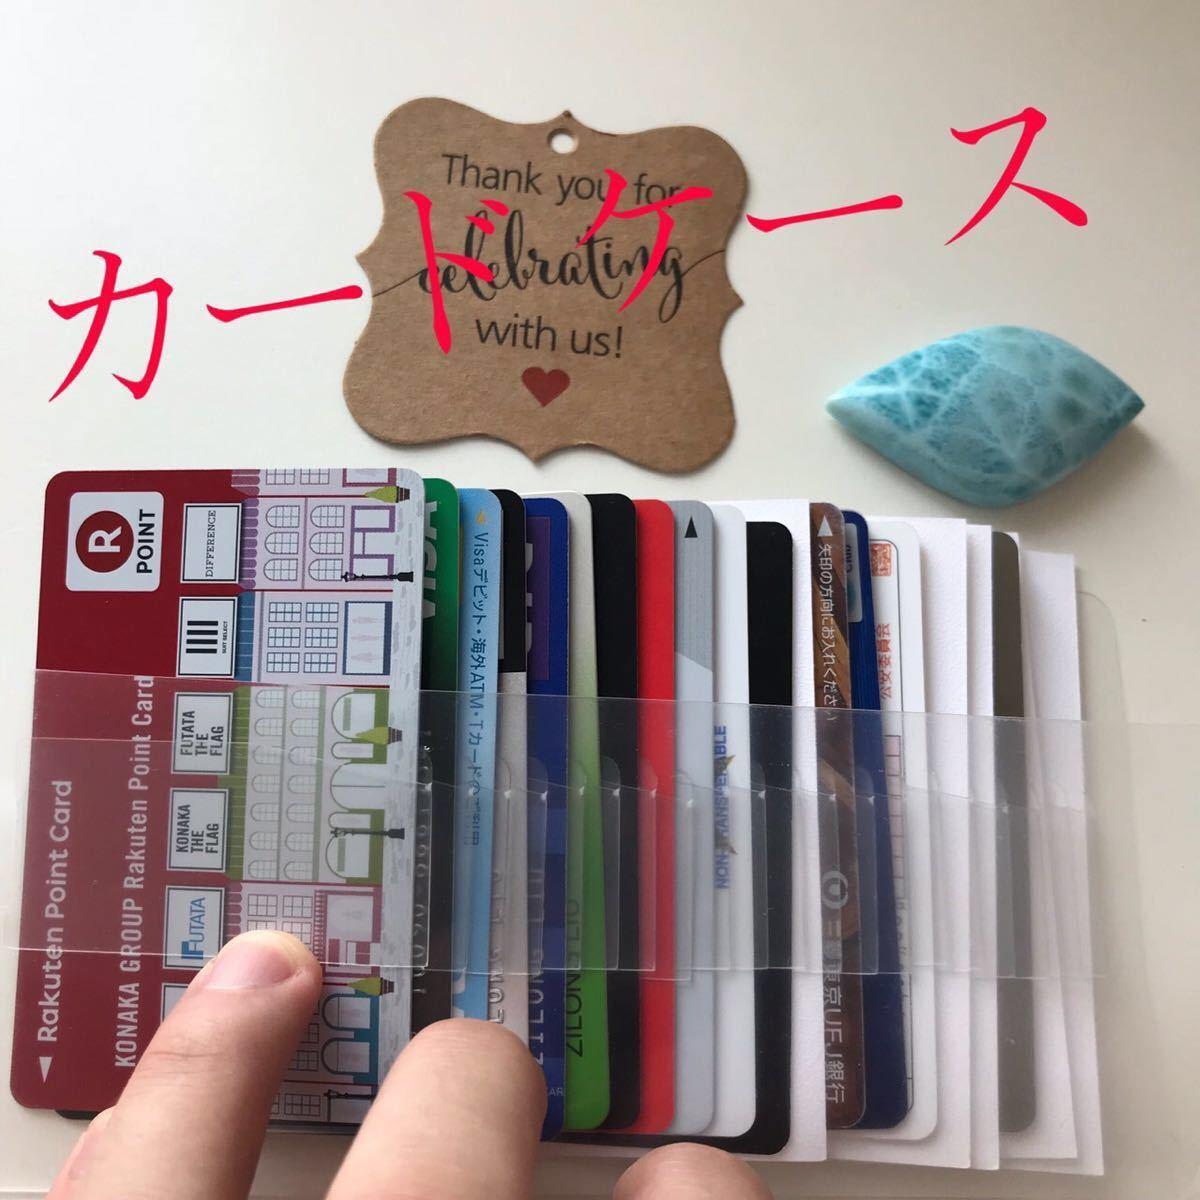 新登場 カード入れ カードケース 名刺入れ 名刺ケース 大容量 20枚入れ£長財布に入れます 超人気 男女兼用 便利_画像1